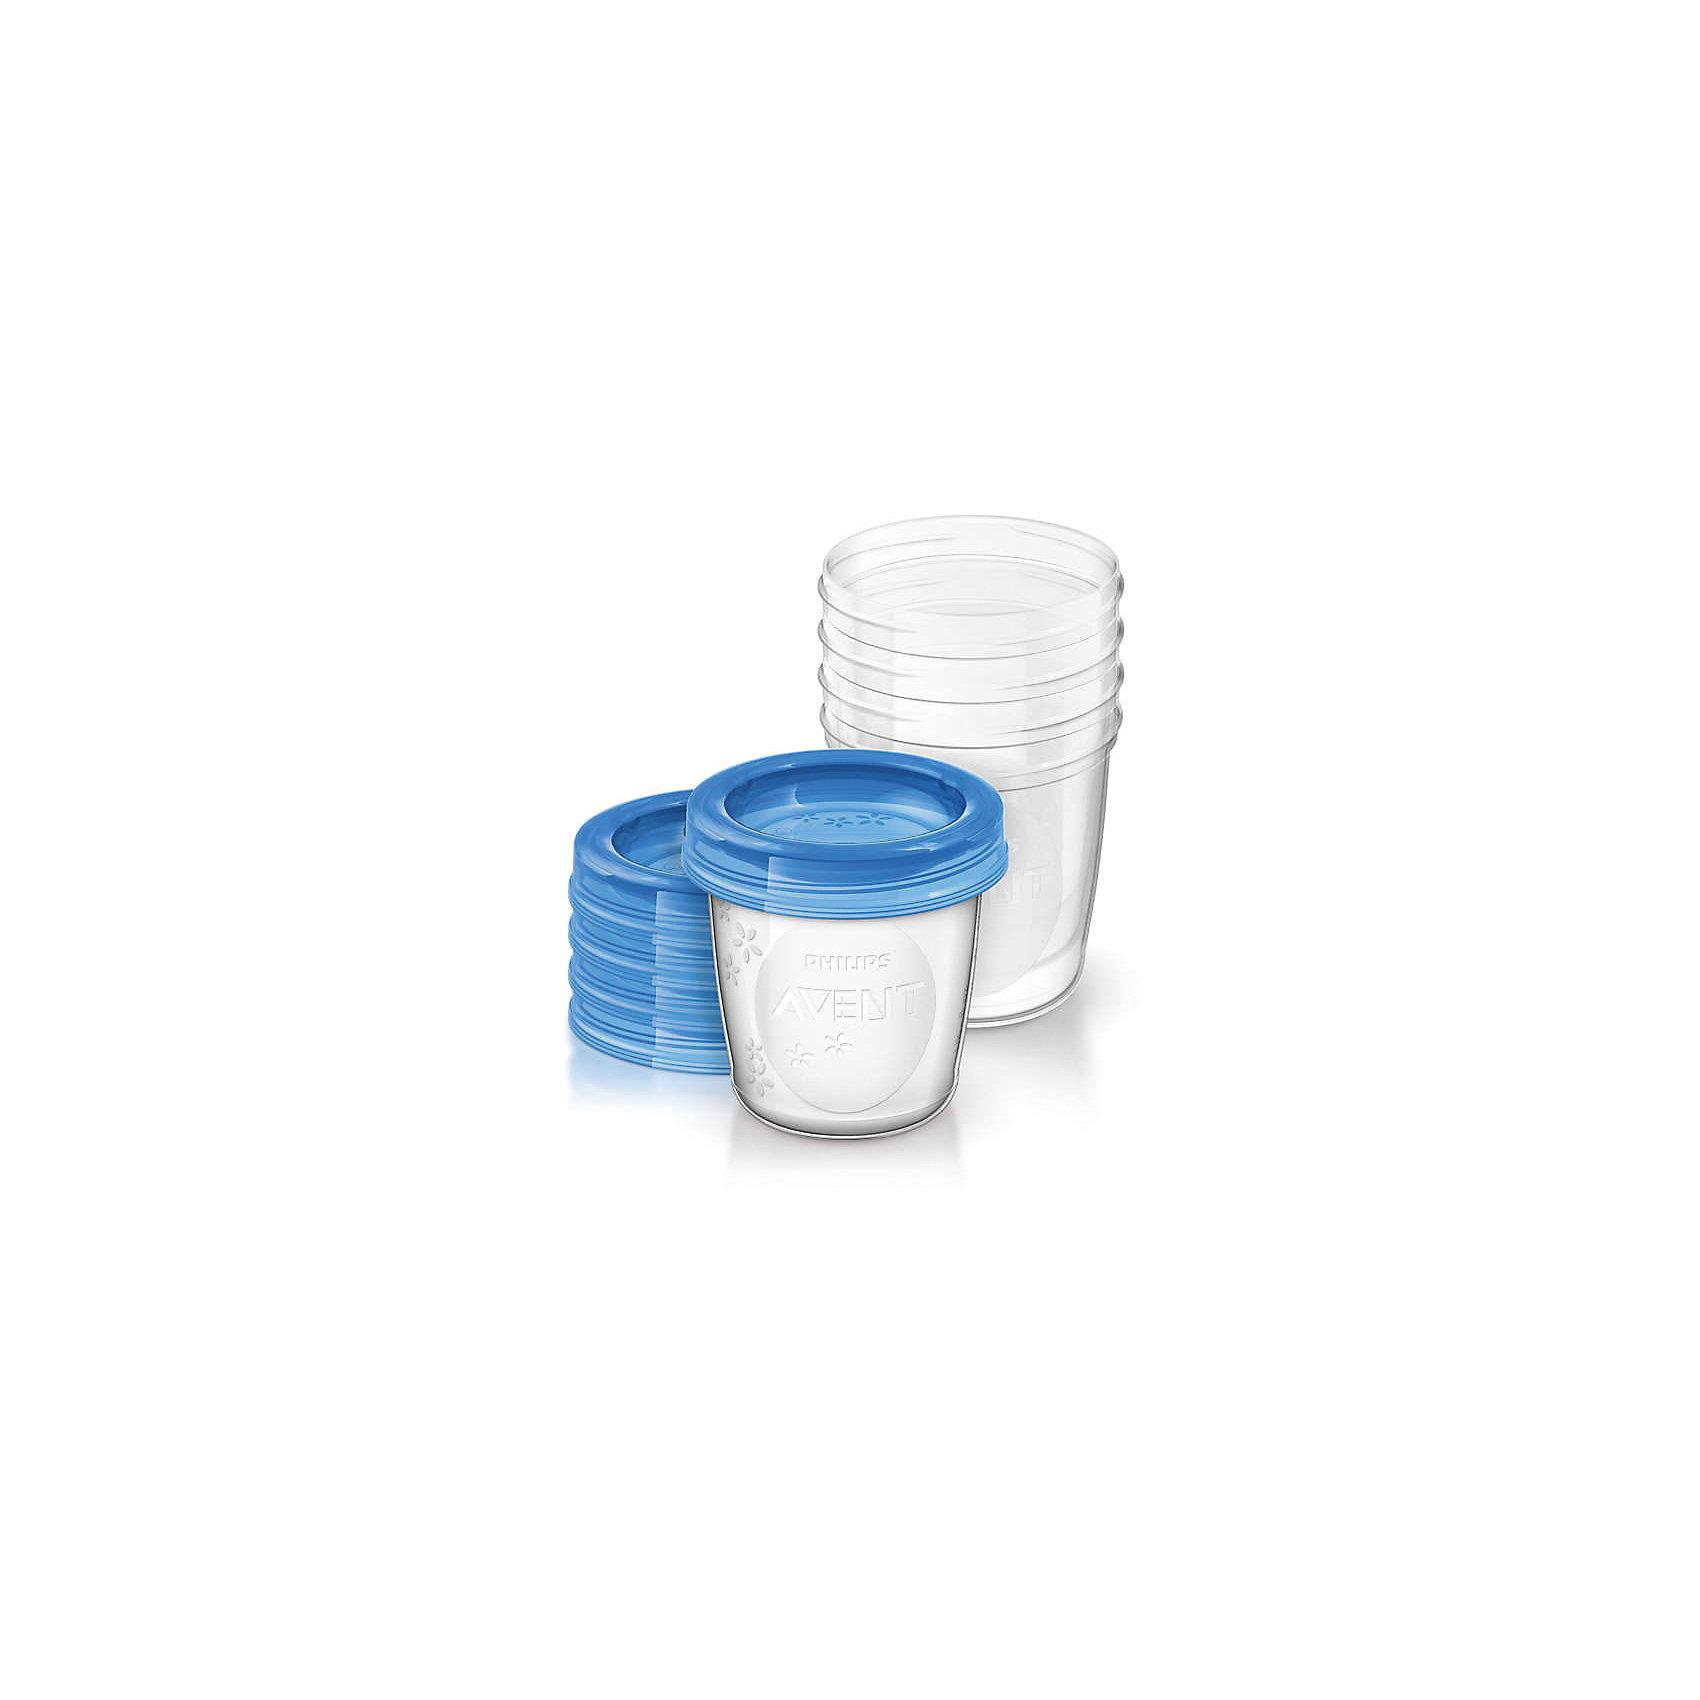 Контейнеры с крышками для хранения питания 5 шт. 180 мл, Philips AventПосуда для малышей<br>Такой набор контейнеров для хранения позволит эффективней сцеживать и хранить грудное молоко. <br><br>Особенности:<br>- Имеют надежную, герметичную крышку для лучшего хранения и транспортировки.<br>- Перед использованием изделие необходимо тщательно промыть.<br>- Контейнеры можно стерилизовать.<br>- Не содержит бисфенол-А.<br><br>Дополнительная информация:<br><br>- Объем: 180 мл.<br>- Кол-во в упаковке: 5 шт.<br>- Размер упаковки: 8х8х20 см.<br>- Вес в упаковке: 160 г.<br><br>Купить контейнеры с крышками для хранения питания от Philips Avent   можно в нашем магазине.<br><br>Ширина мм: 80<br>Глубина мм: 80<br>Высота мм: 200<br>Вес г: 160<br>Возраст от месяцев: 0<br>Возраст до месяцев: 36<br>Пол: Унисекс<br>Возраст: Детский<br>SKU: 4880876